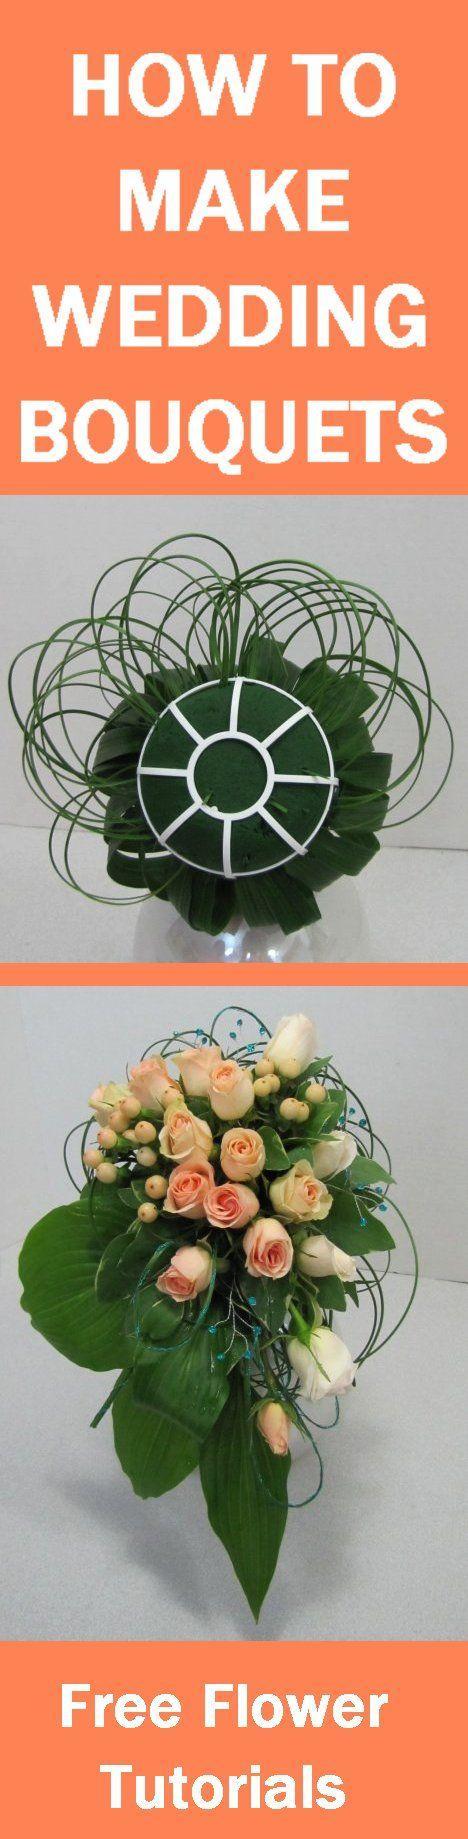 Wedding - How To Make Wedding Bouquets - Free Flower Tutorials